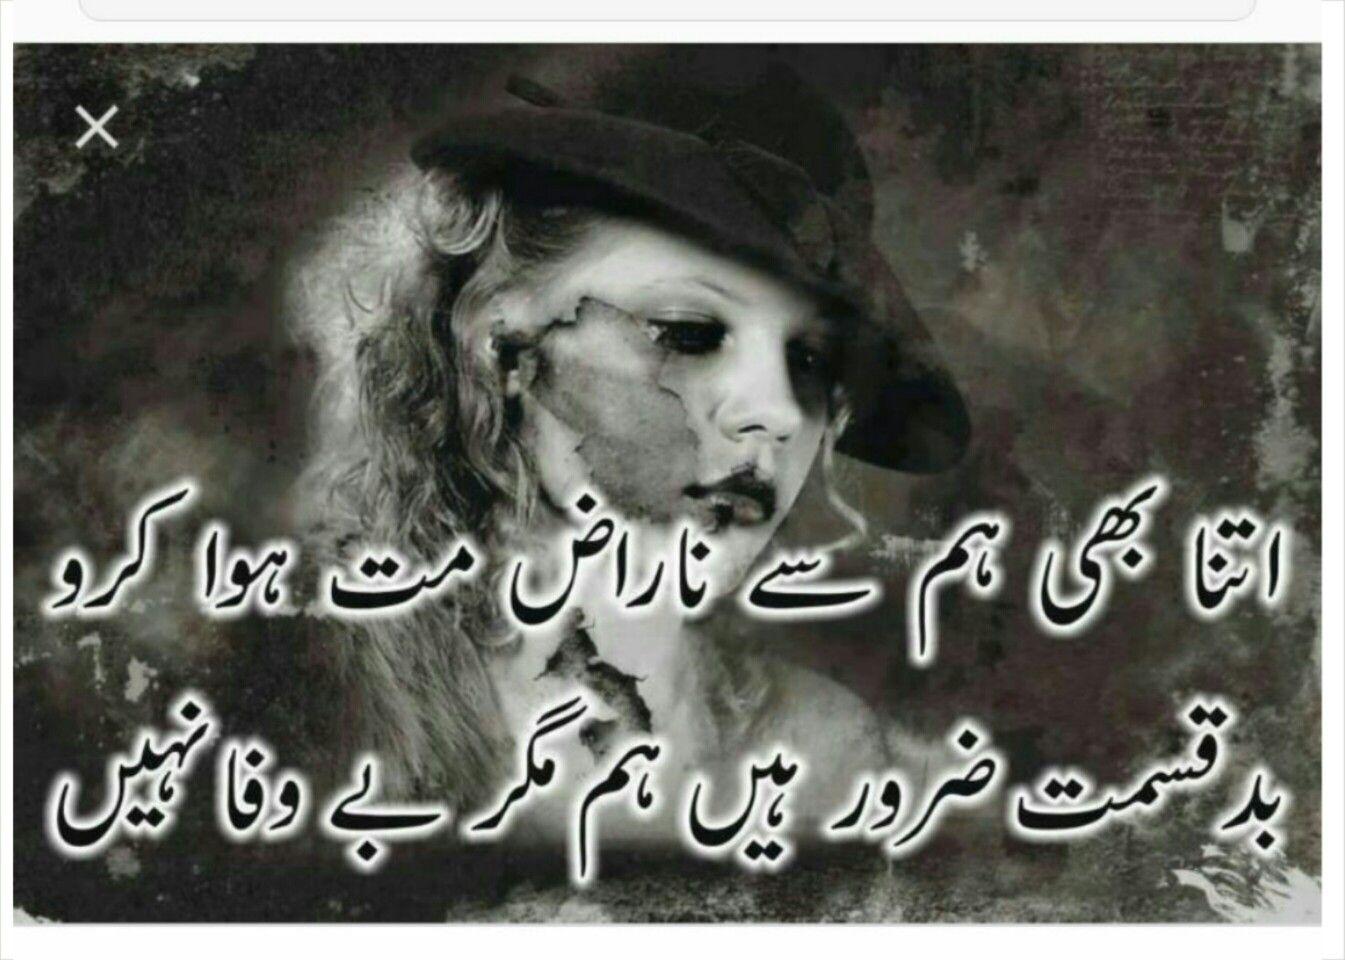 Pin by Princess Yaz on Shayari Urdu poetry, Poetry, Urdu